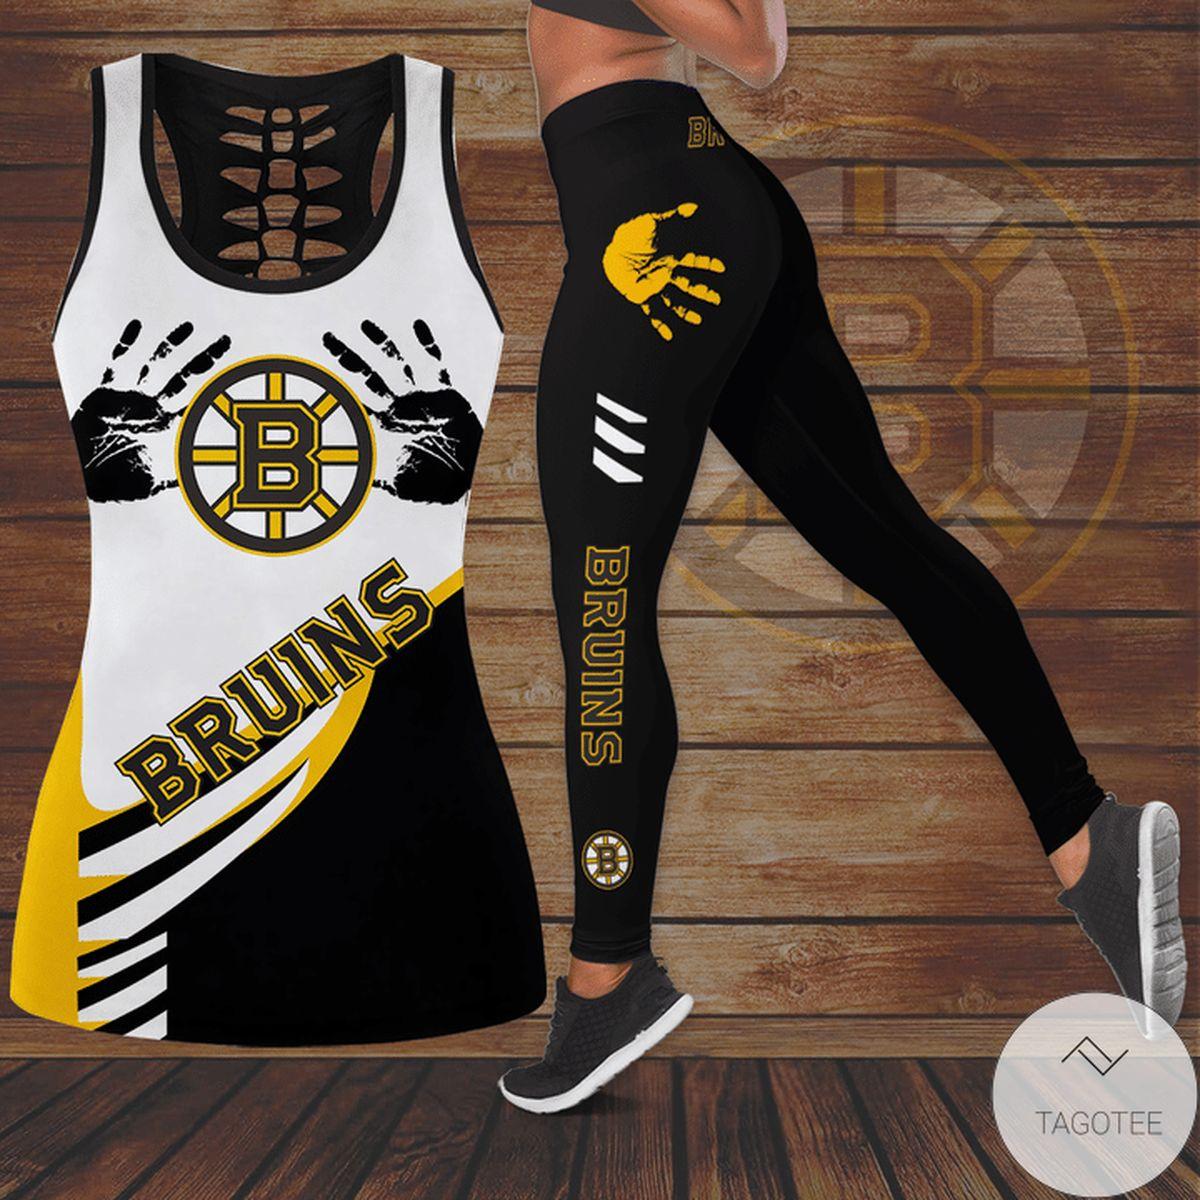 Boston Bruins Hallow Tank Top And Leggings